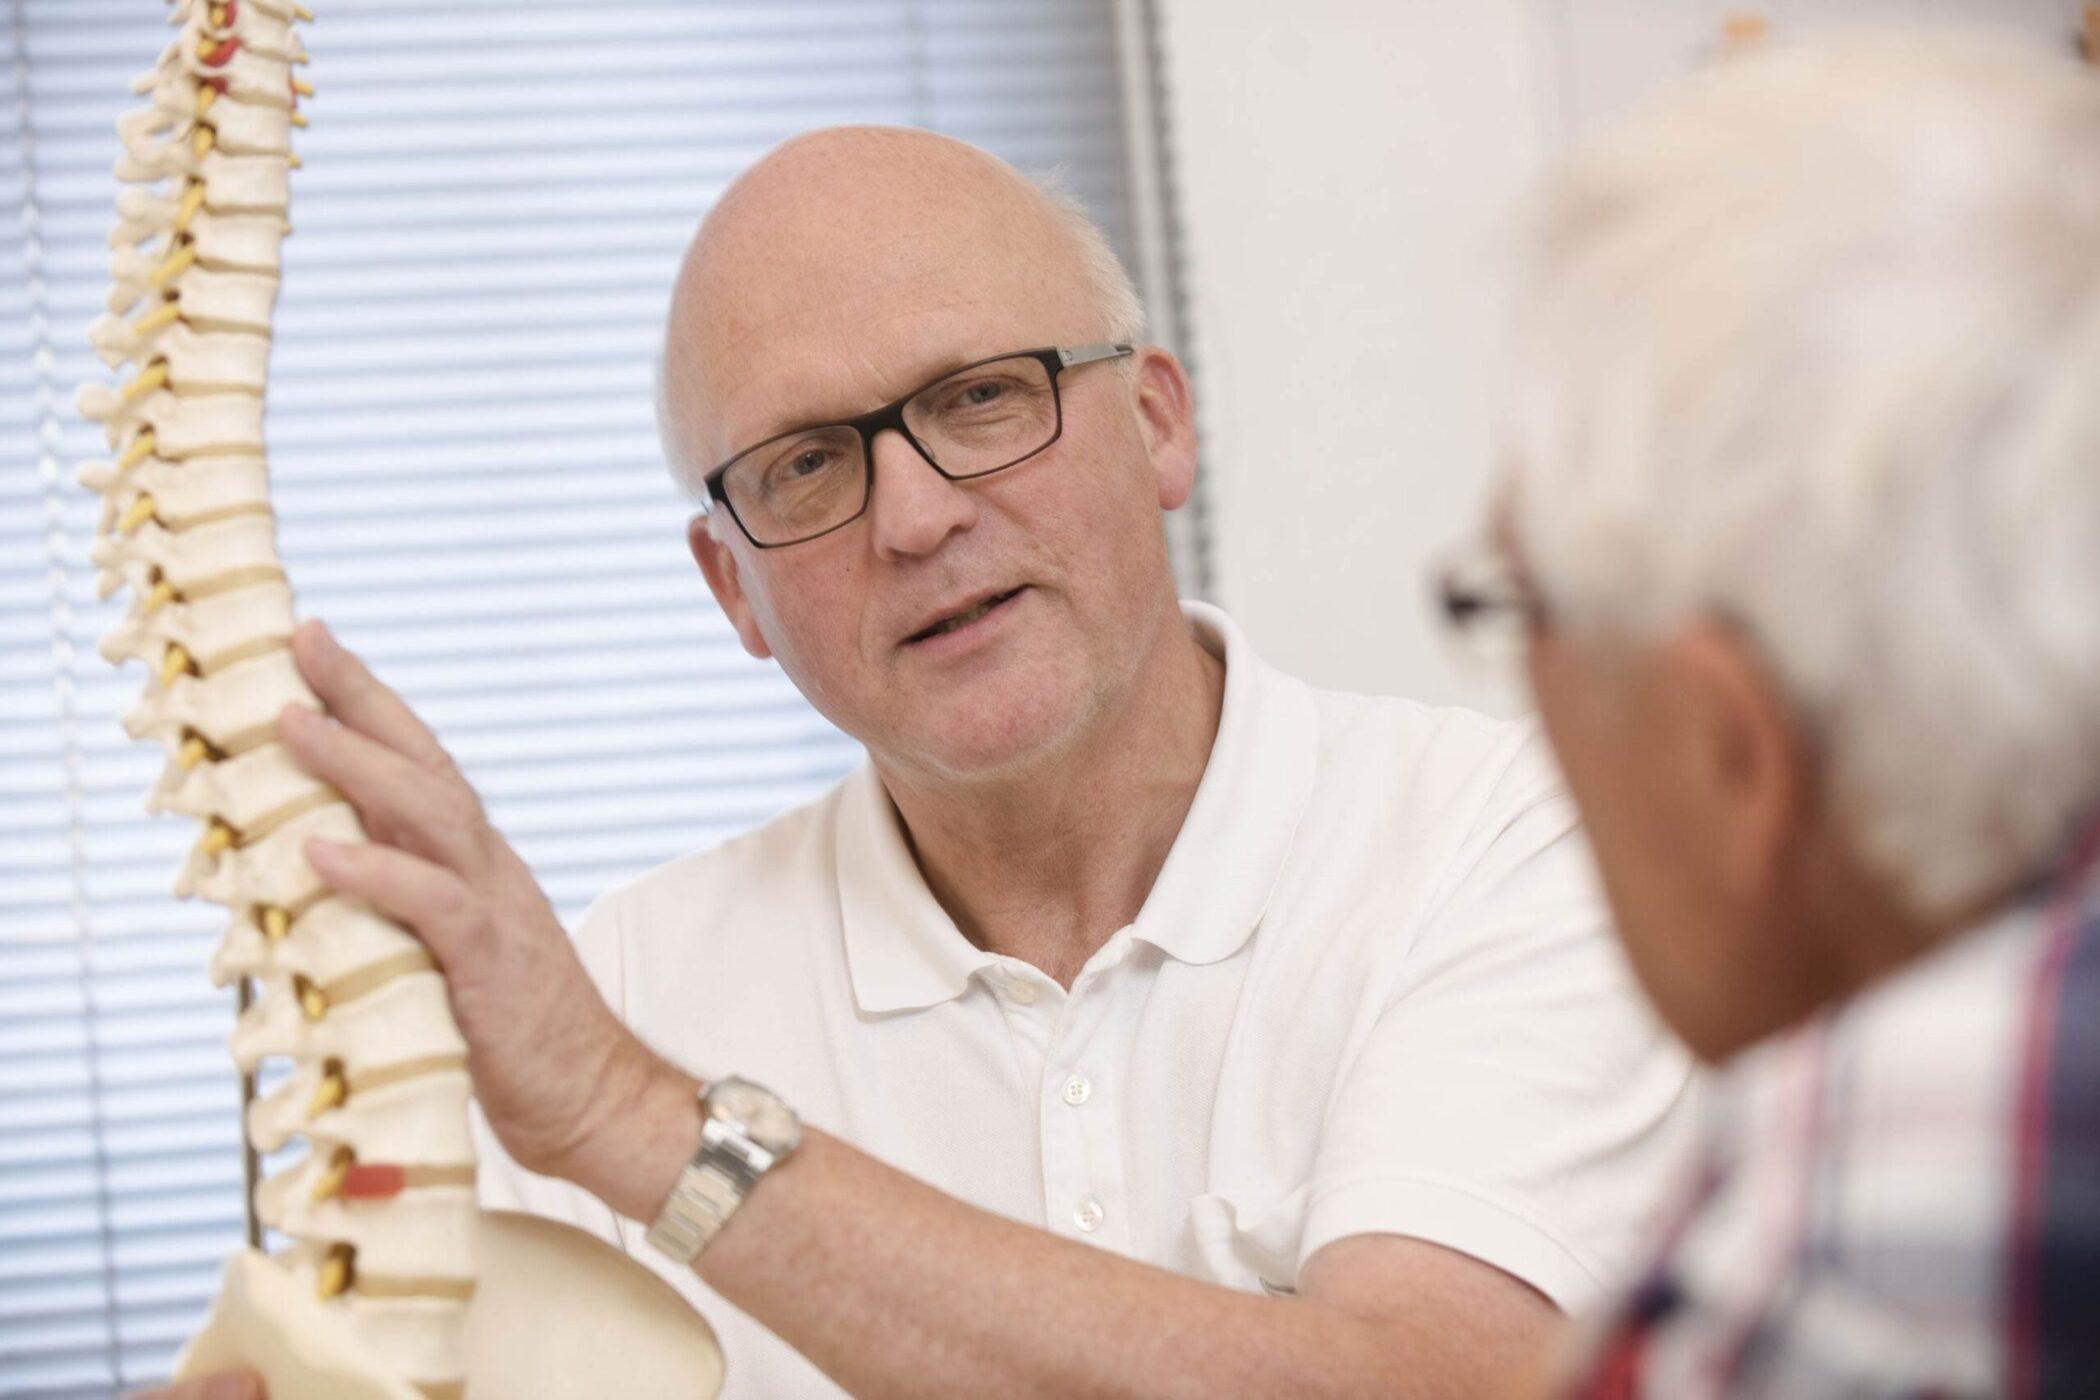 Beratung Orthopäde Münster